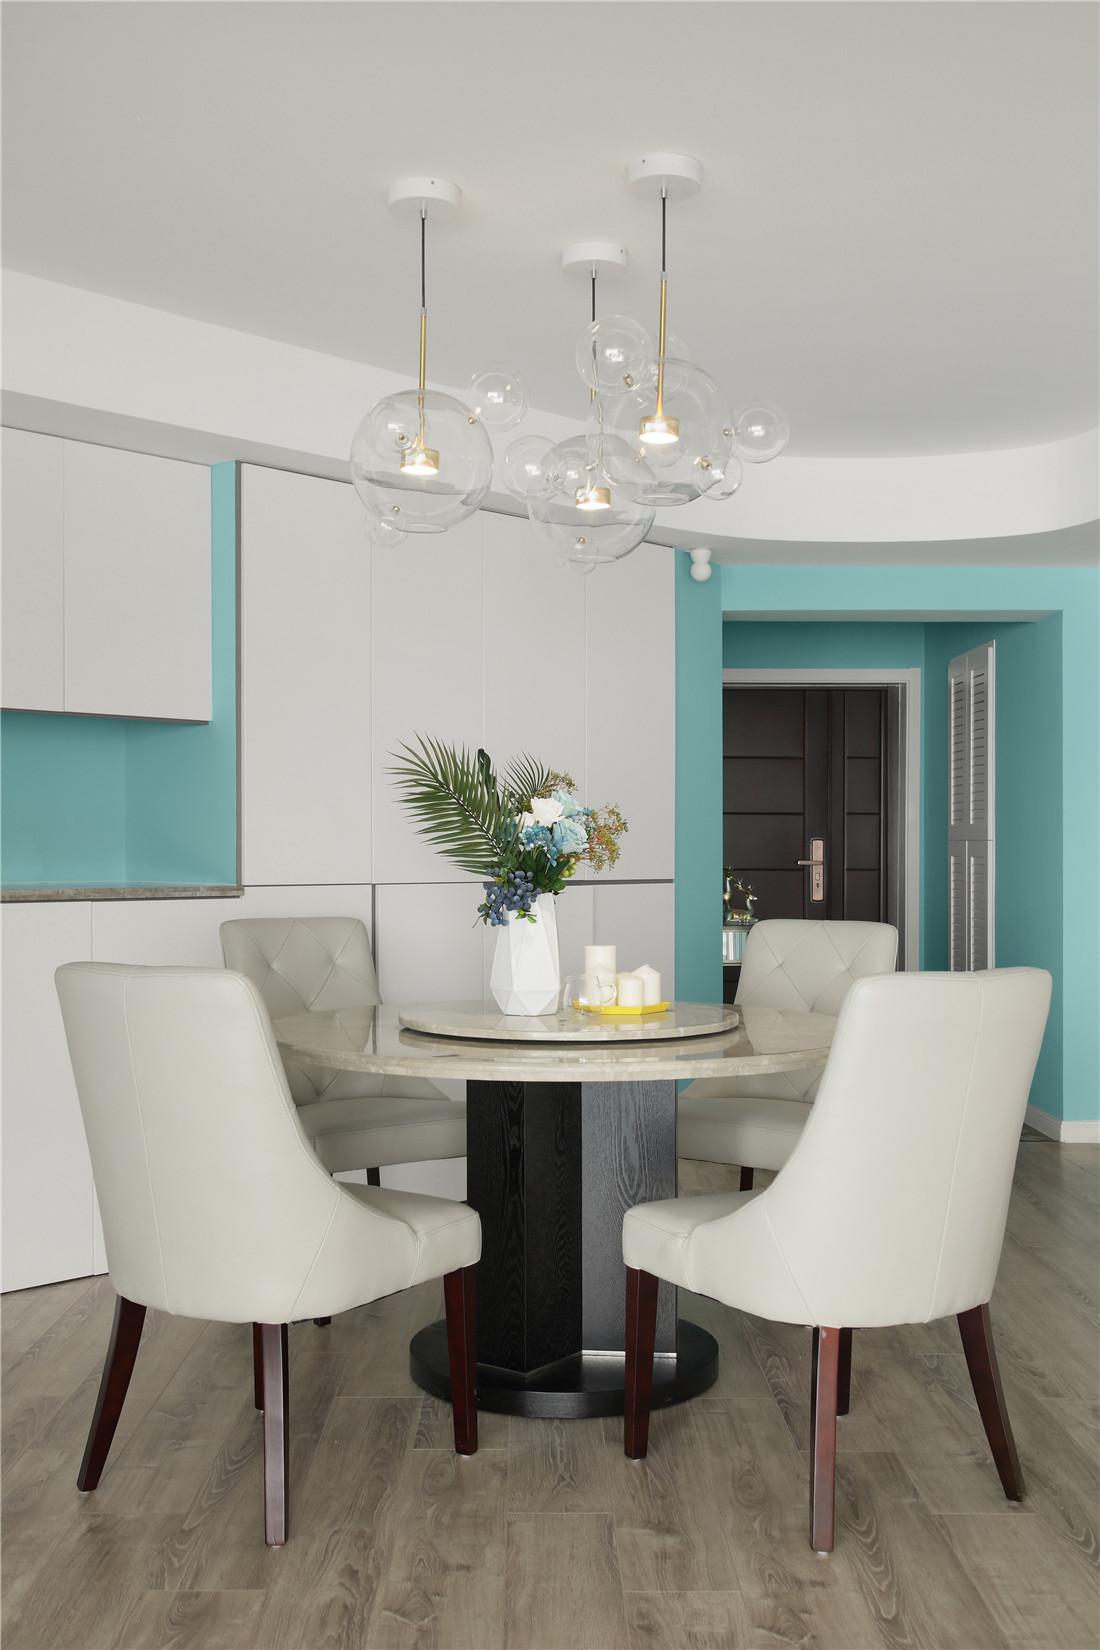 蒂芙尼蓝色现代风餐厅吊灯图片厨房2图现代简约餐厅设计图片赏析